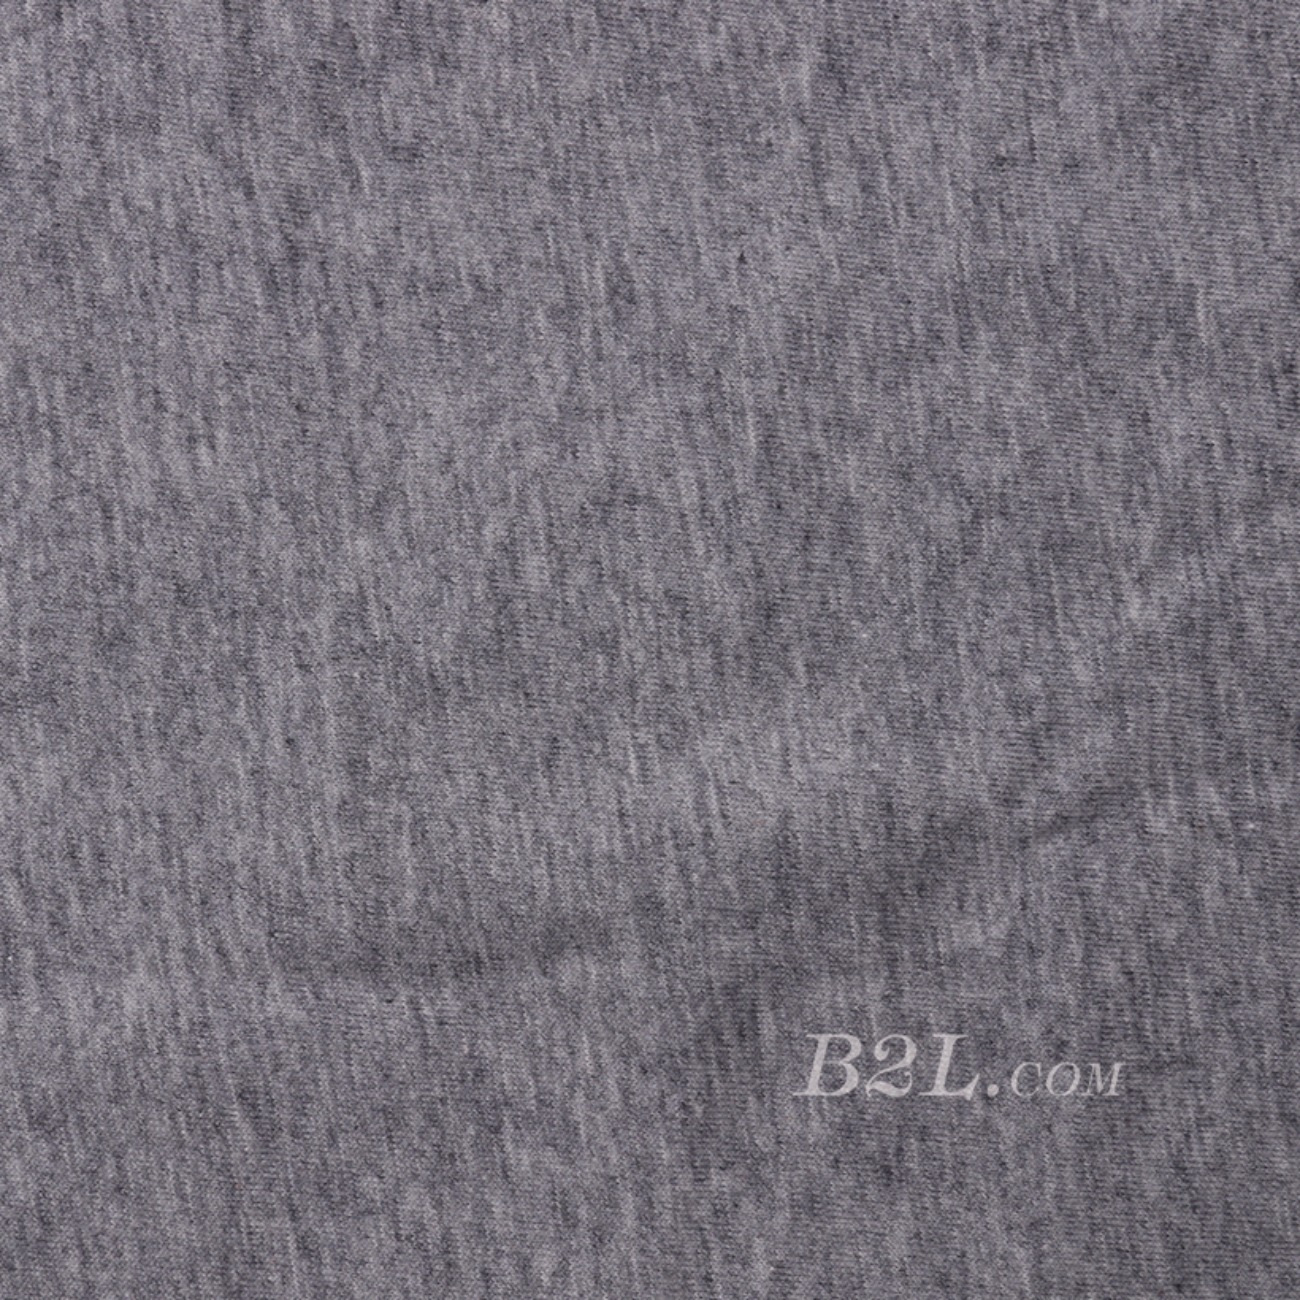 素色 32S 紧赛棉 针织 全棉 染色 梭织 连衣裙 女装  春秋 80527-6